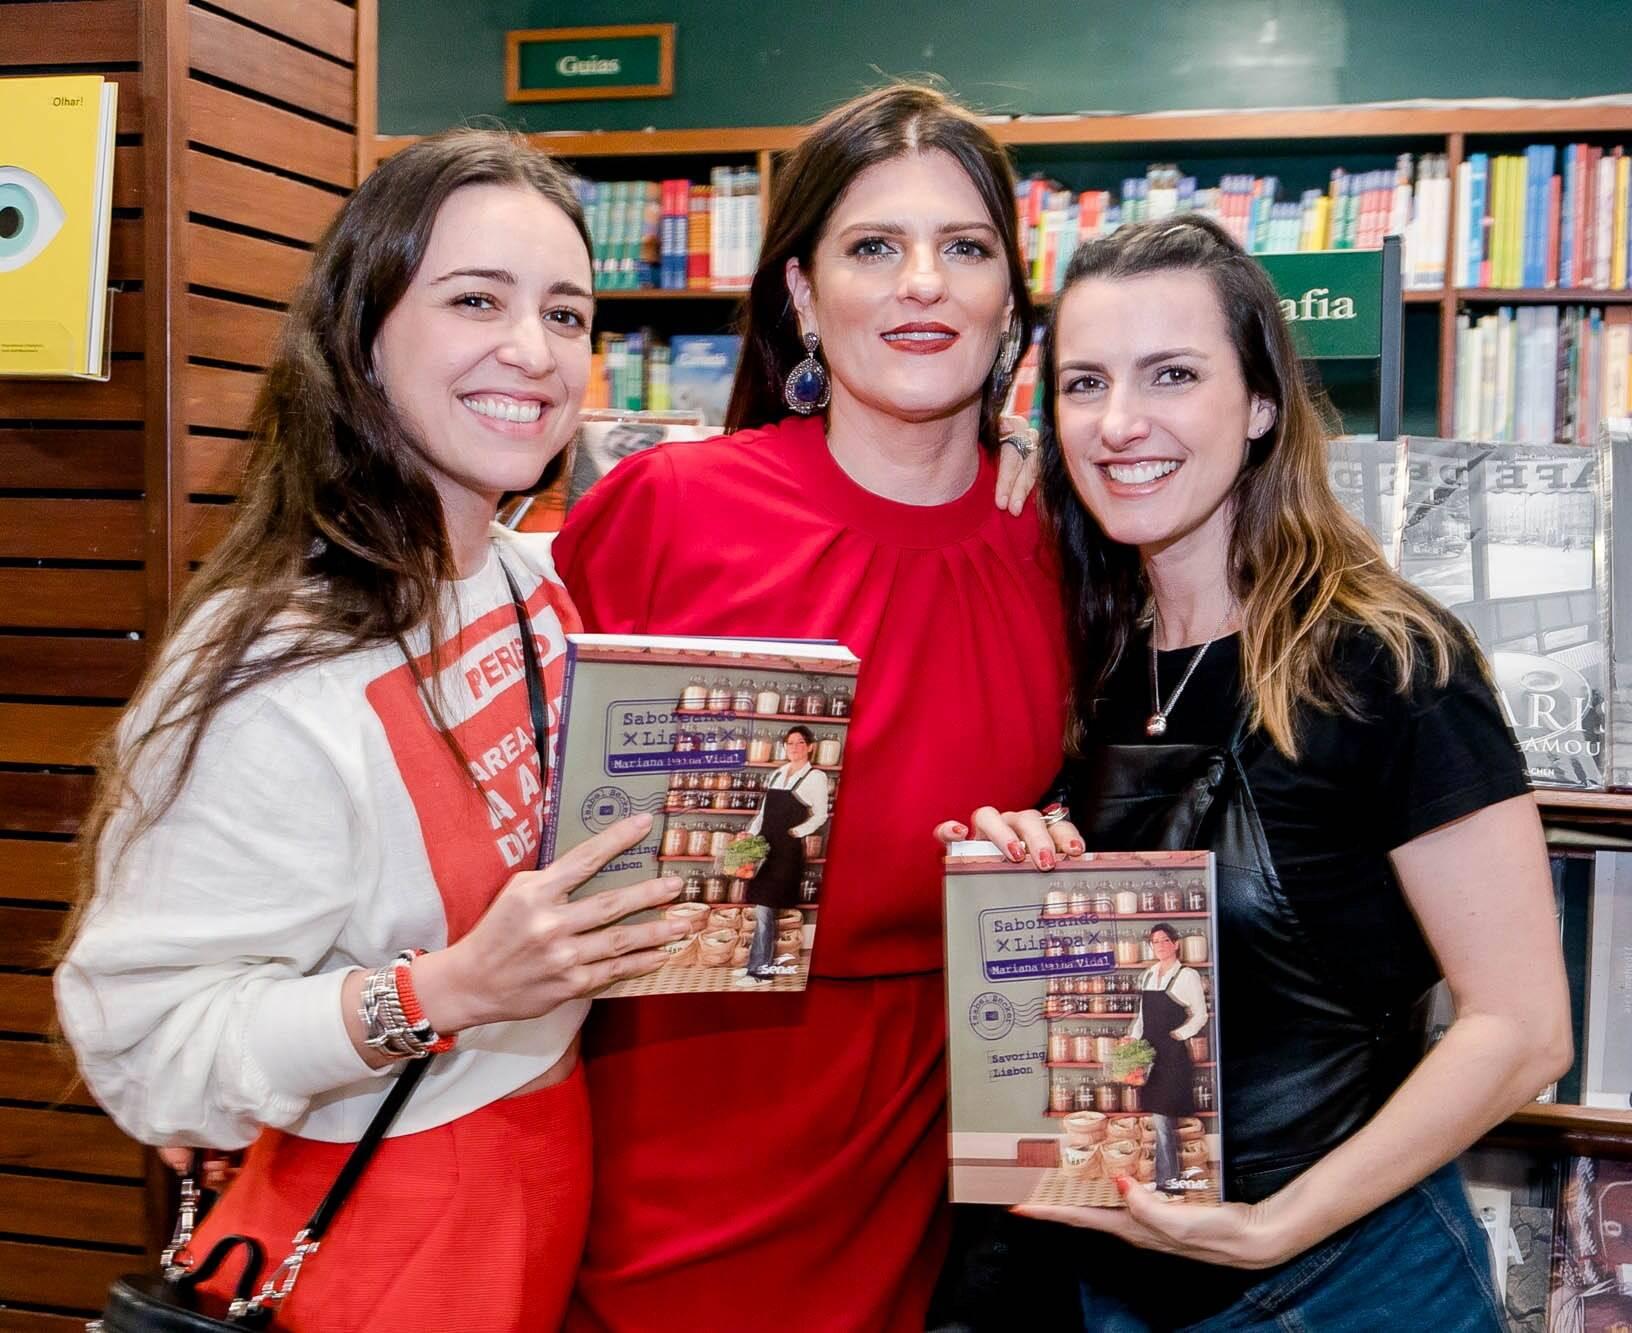 Mariana Vidal entre as cantoras Roberta Sá e Anna Ratto / Foto: Miguel Sá